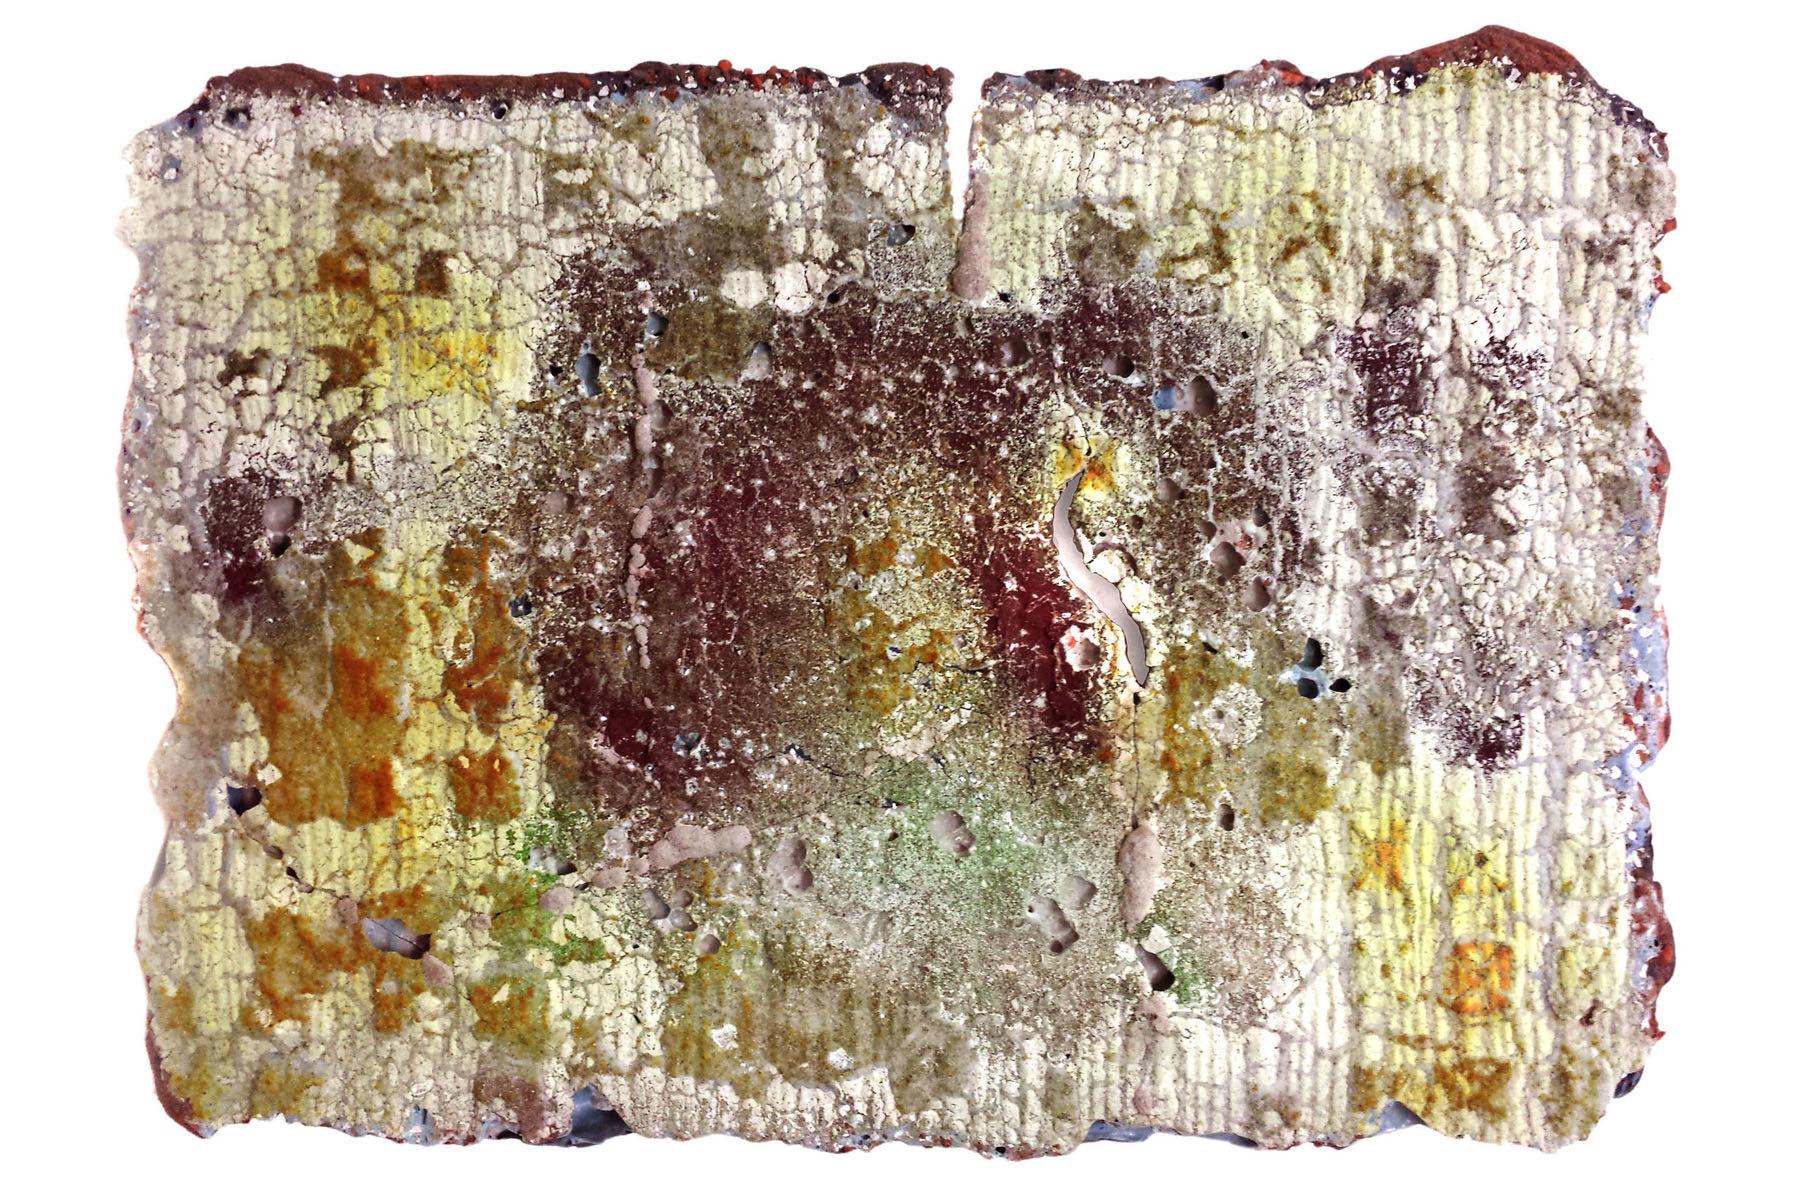 Alberto Scodro, Autumn #9, 2015, sand, glass, pigments, oxids, 57 x 41 x 4 cm